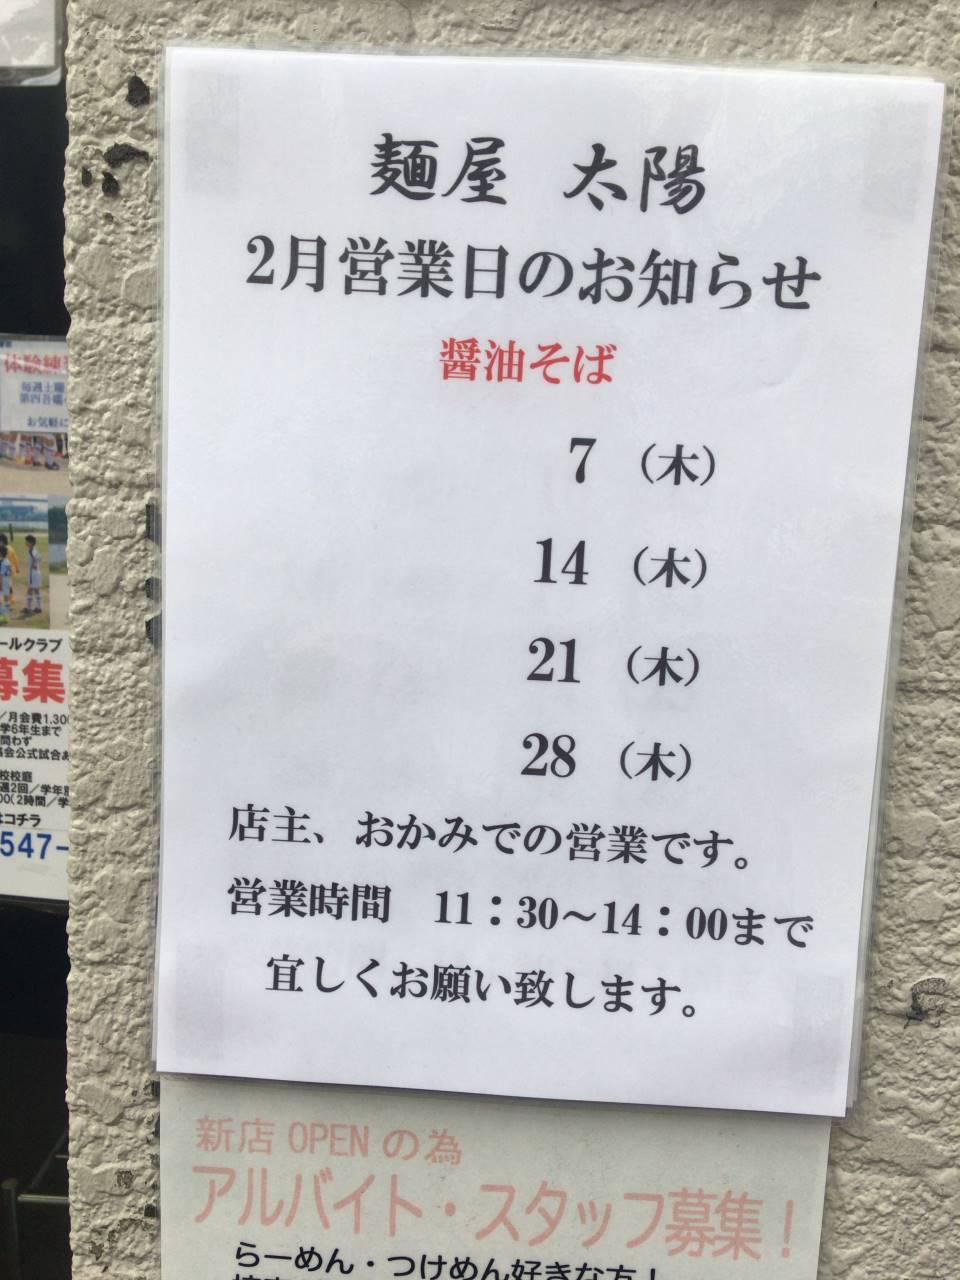 麺屋太陽2019年2月の営業日